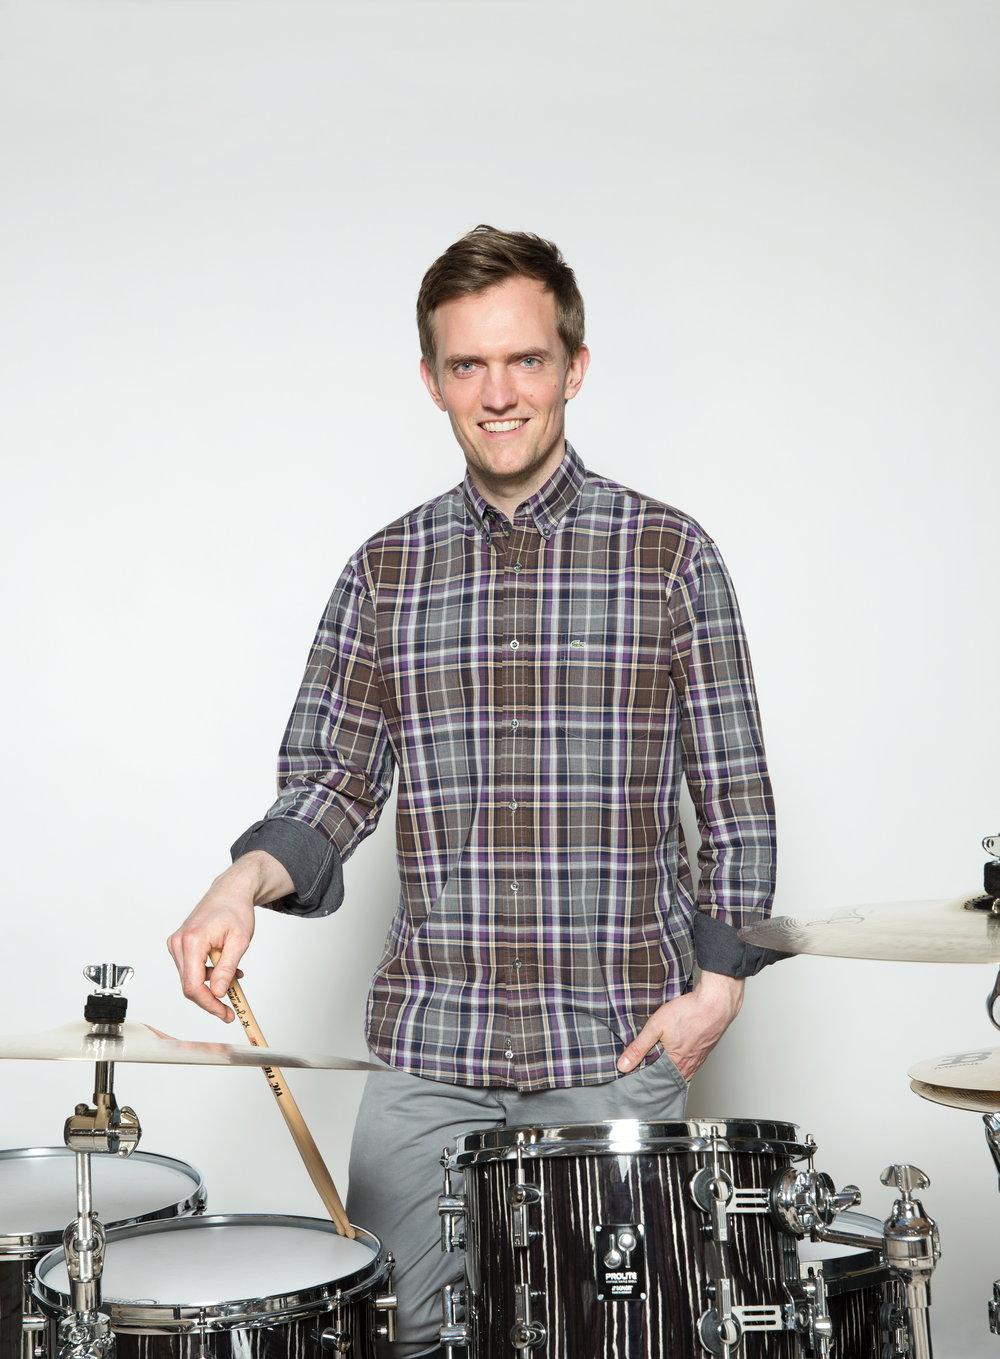 Jost-Nickel_Drums_Gastdozent